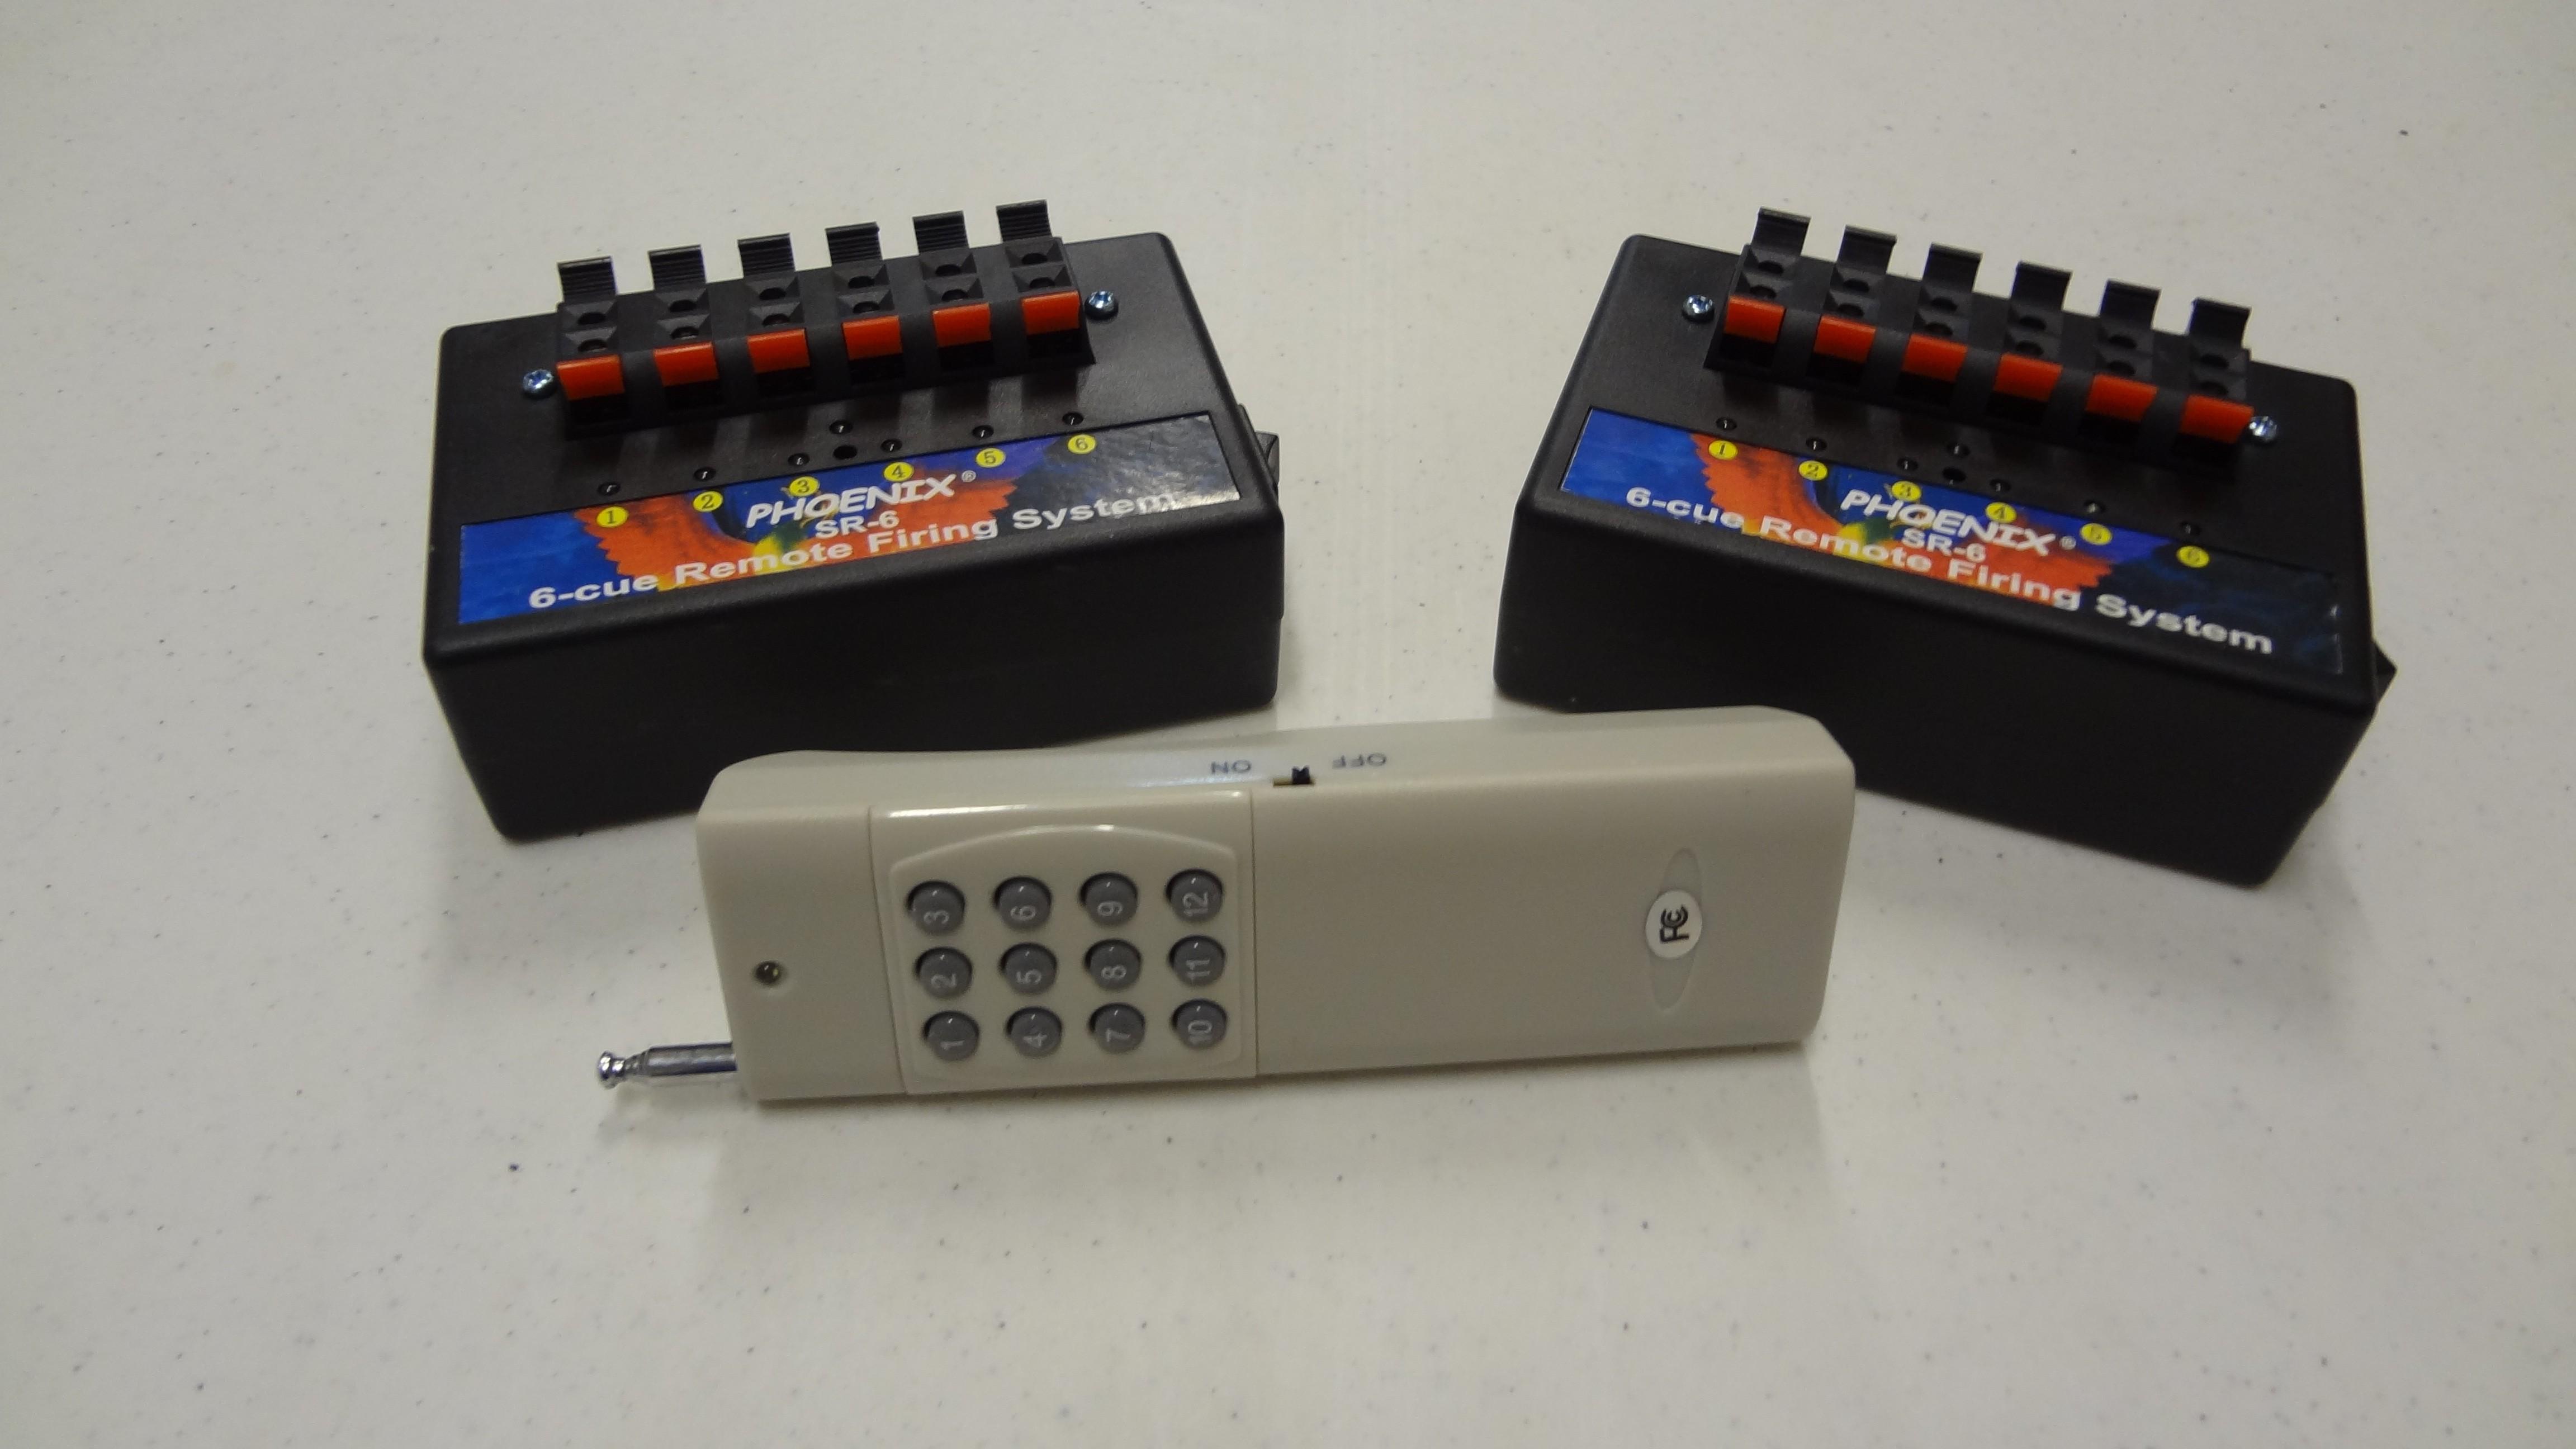 NEW!!  Phoenix SR-6x2 12cue Firing System